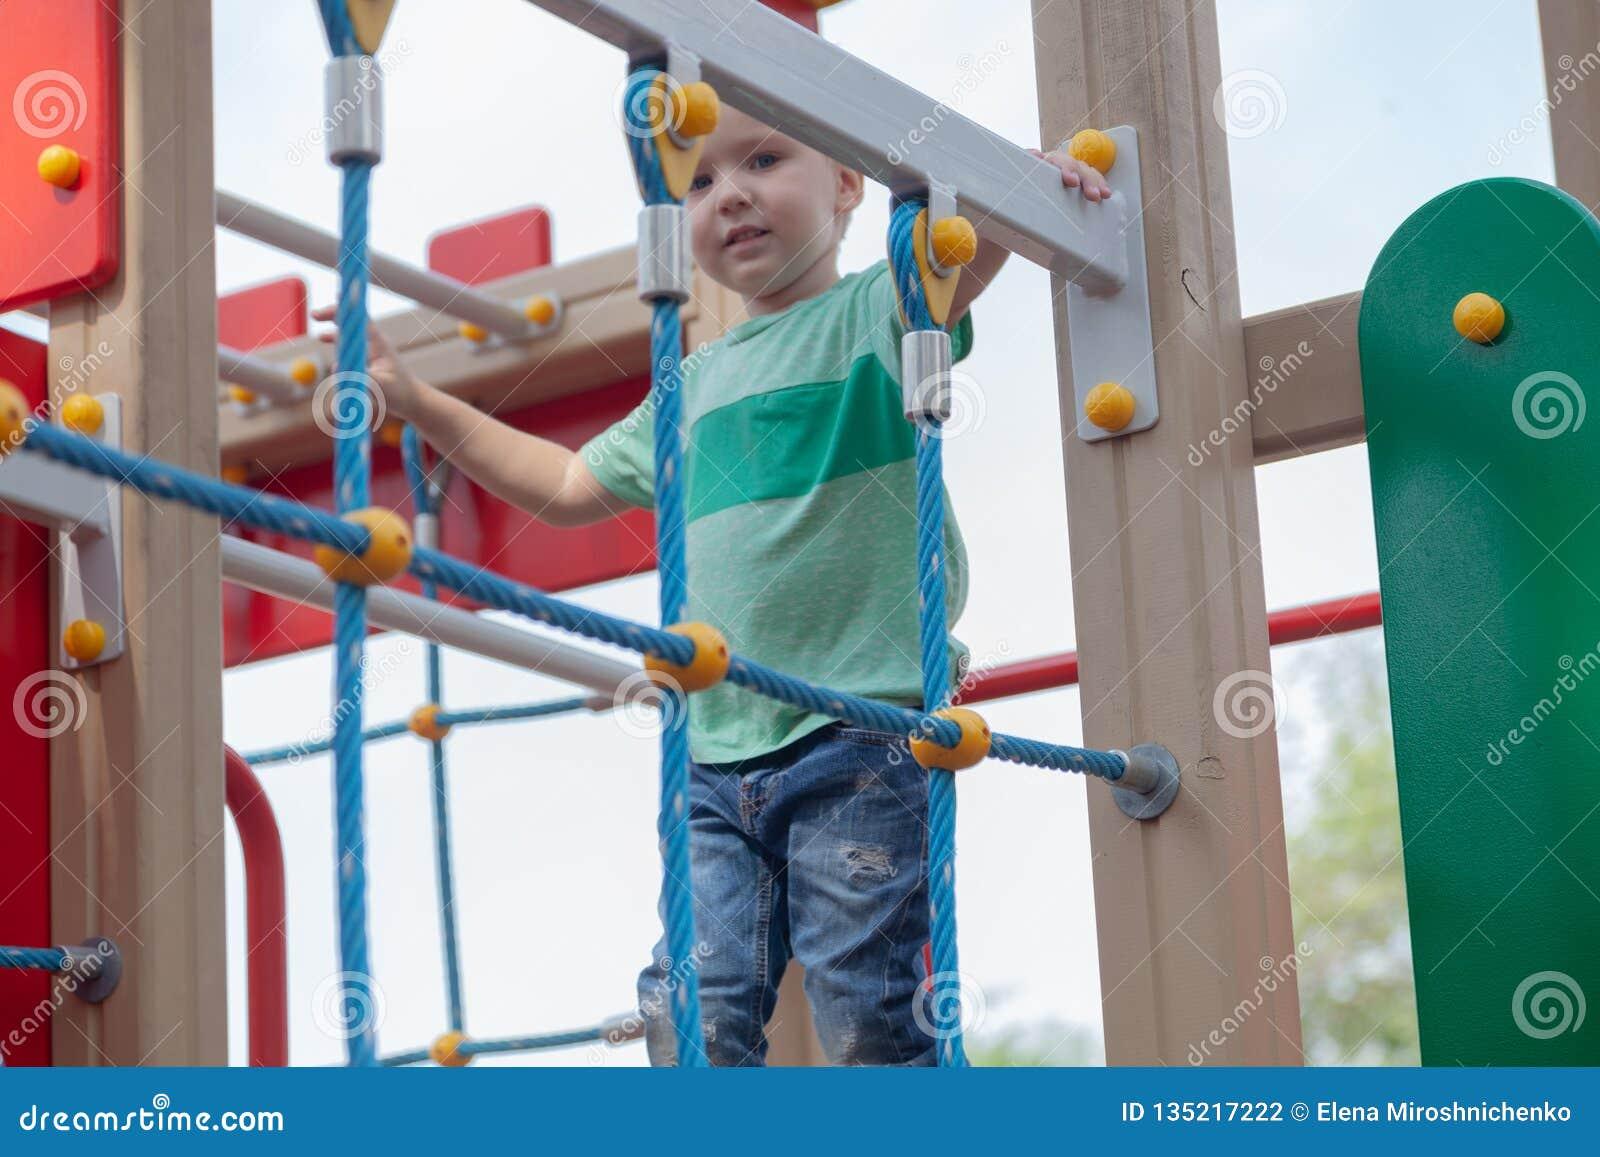 Αστεία χαριτωμένα ξανθά παιχνίδια αγοράκι στην παιδική χαρά Η συγκίνηση της ευτυχίας, διασκέδαση, χαρά